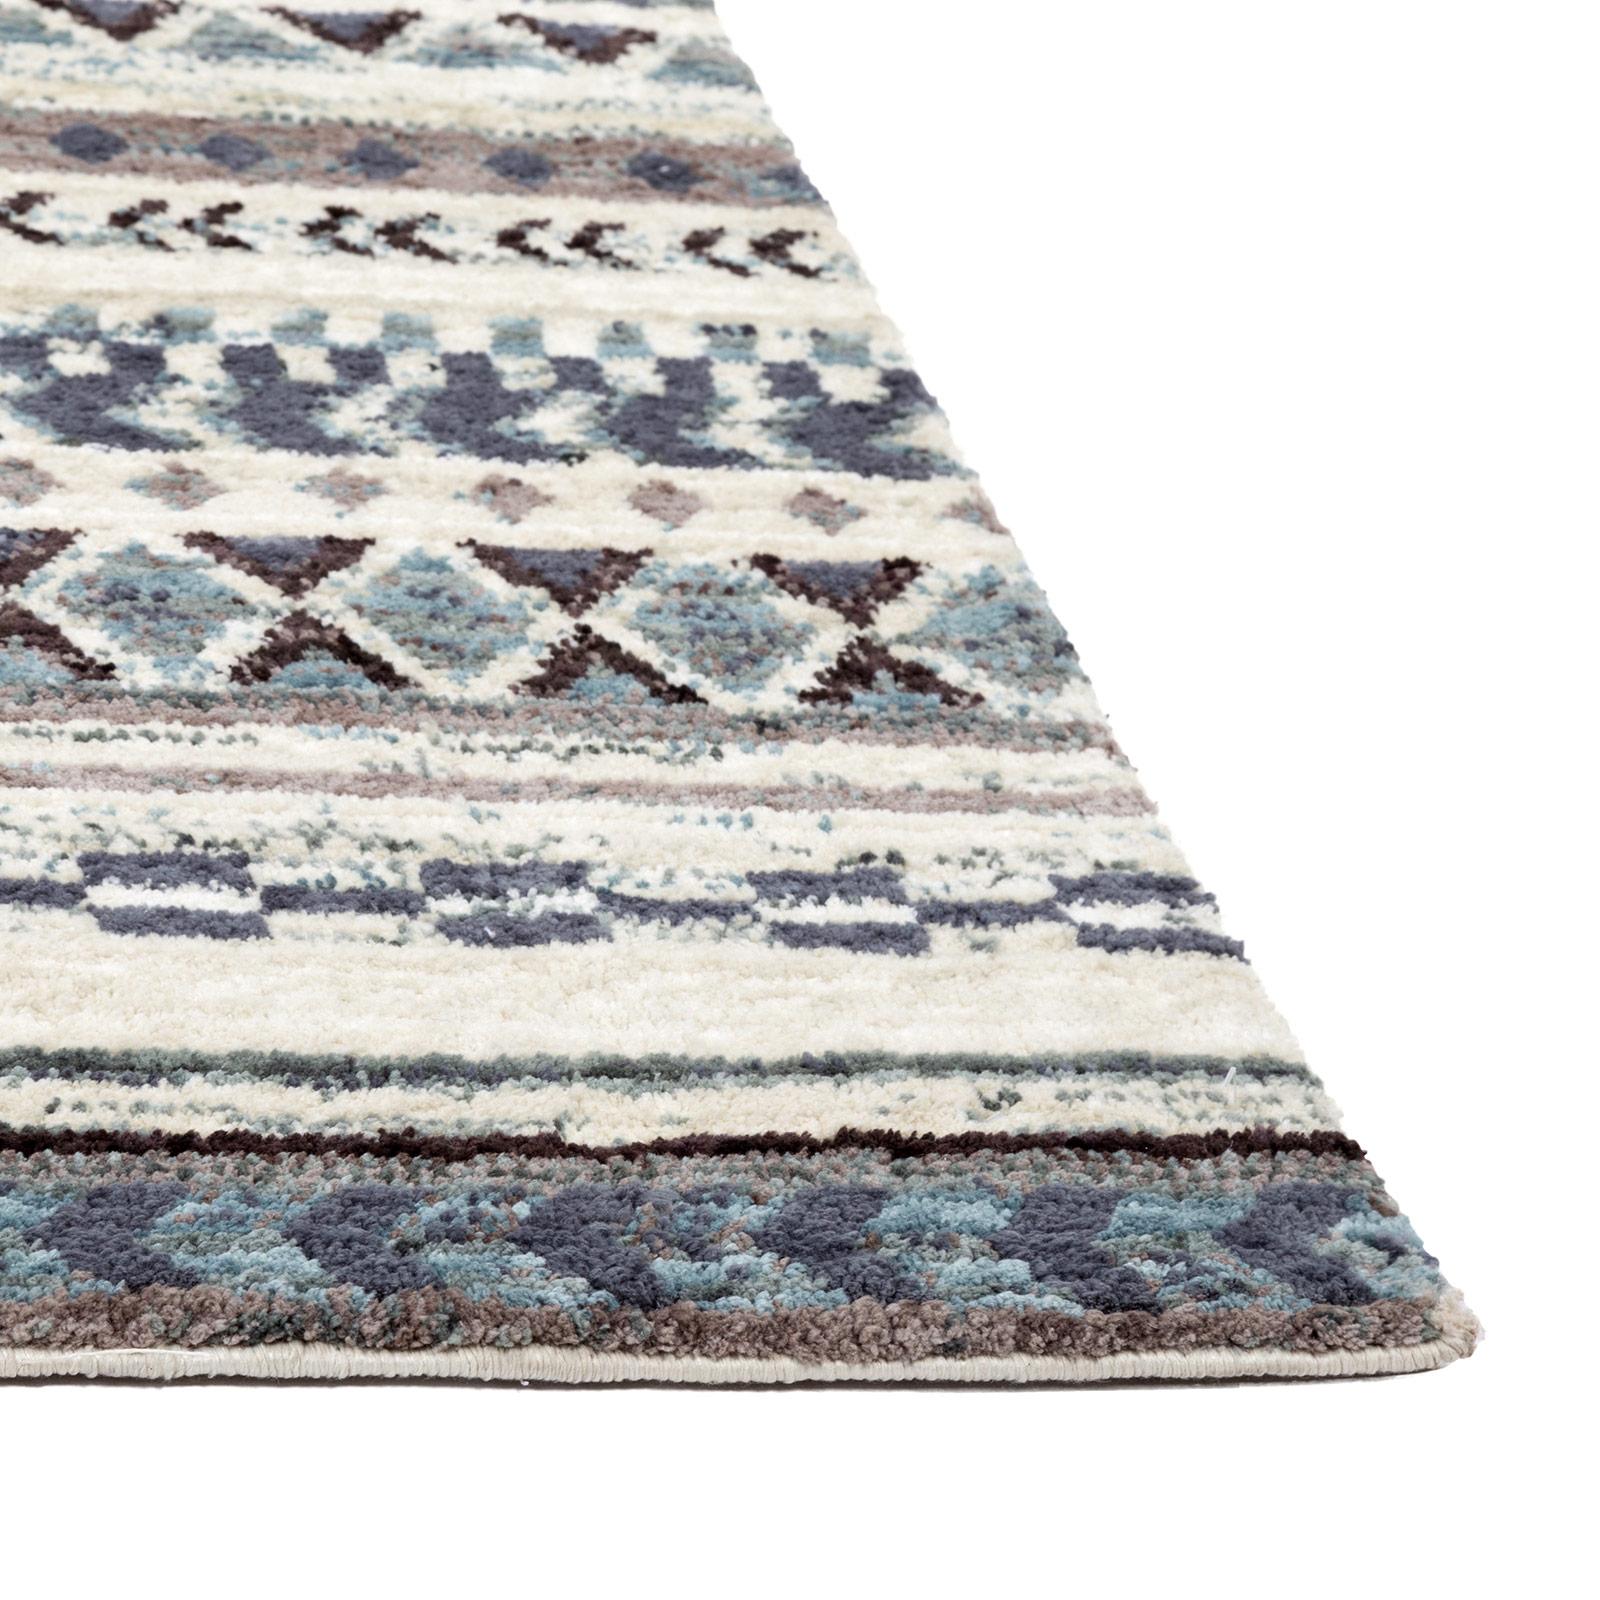 Gabbeh Teppich Wohnzimmer Mehrfarbig Grau Beige Creme Weiss Blau